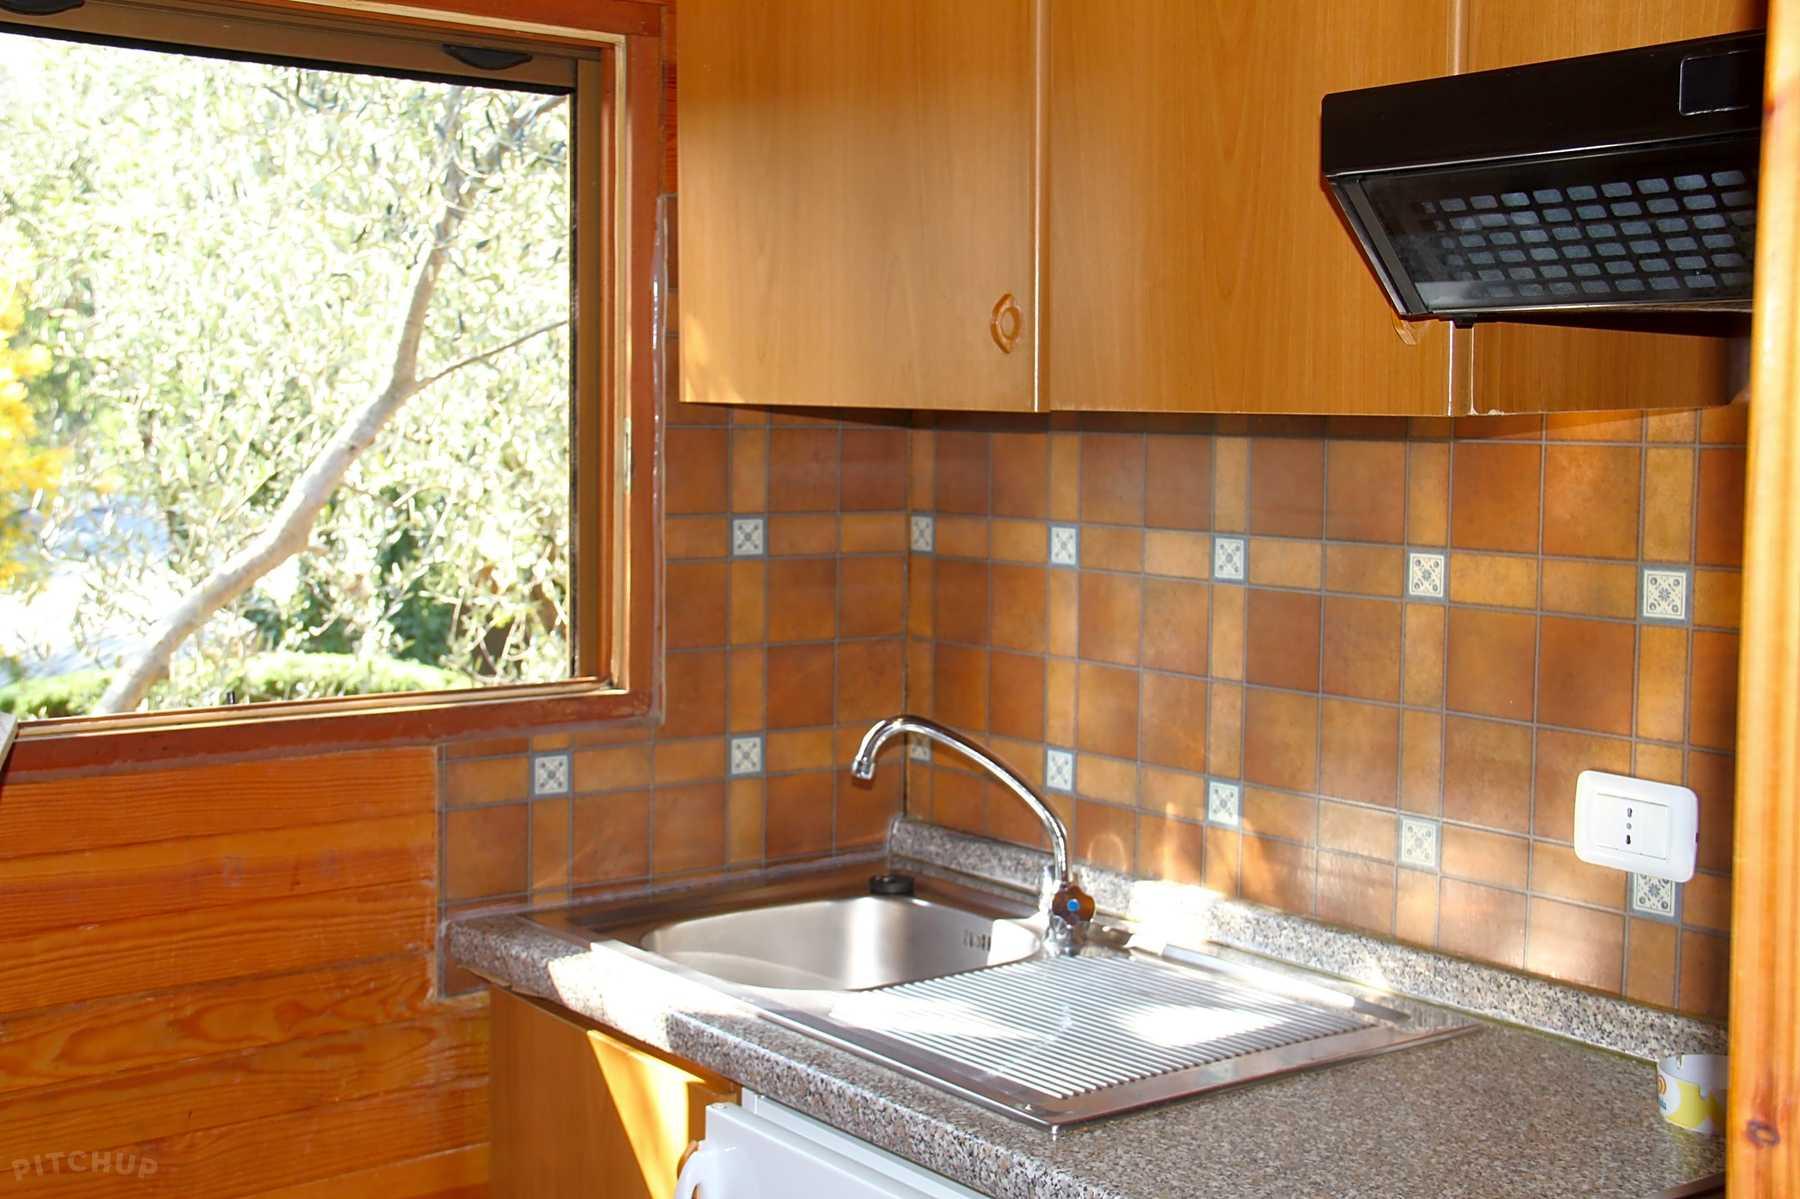 whirlpool francia ajtó hűtőszekrény vízcsatlakozáslegjobb társkereső oldalak calgary